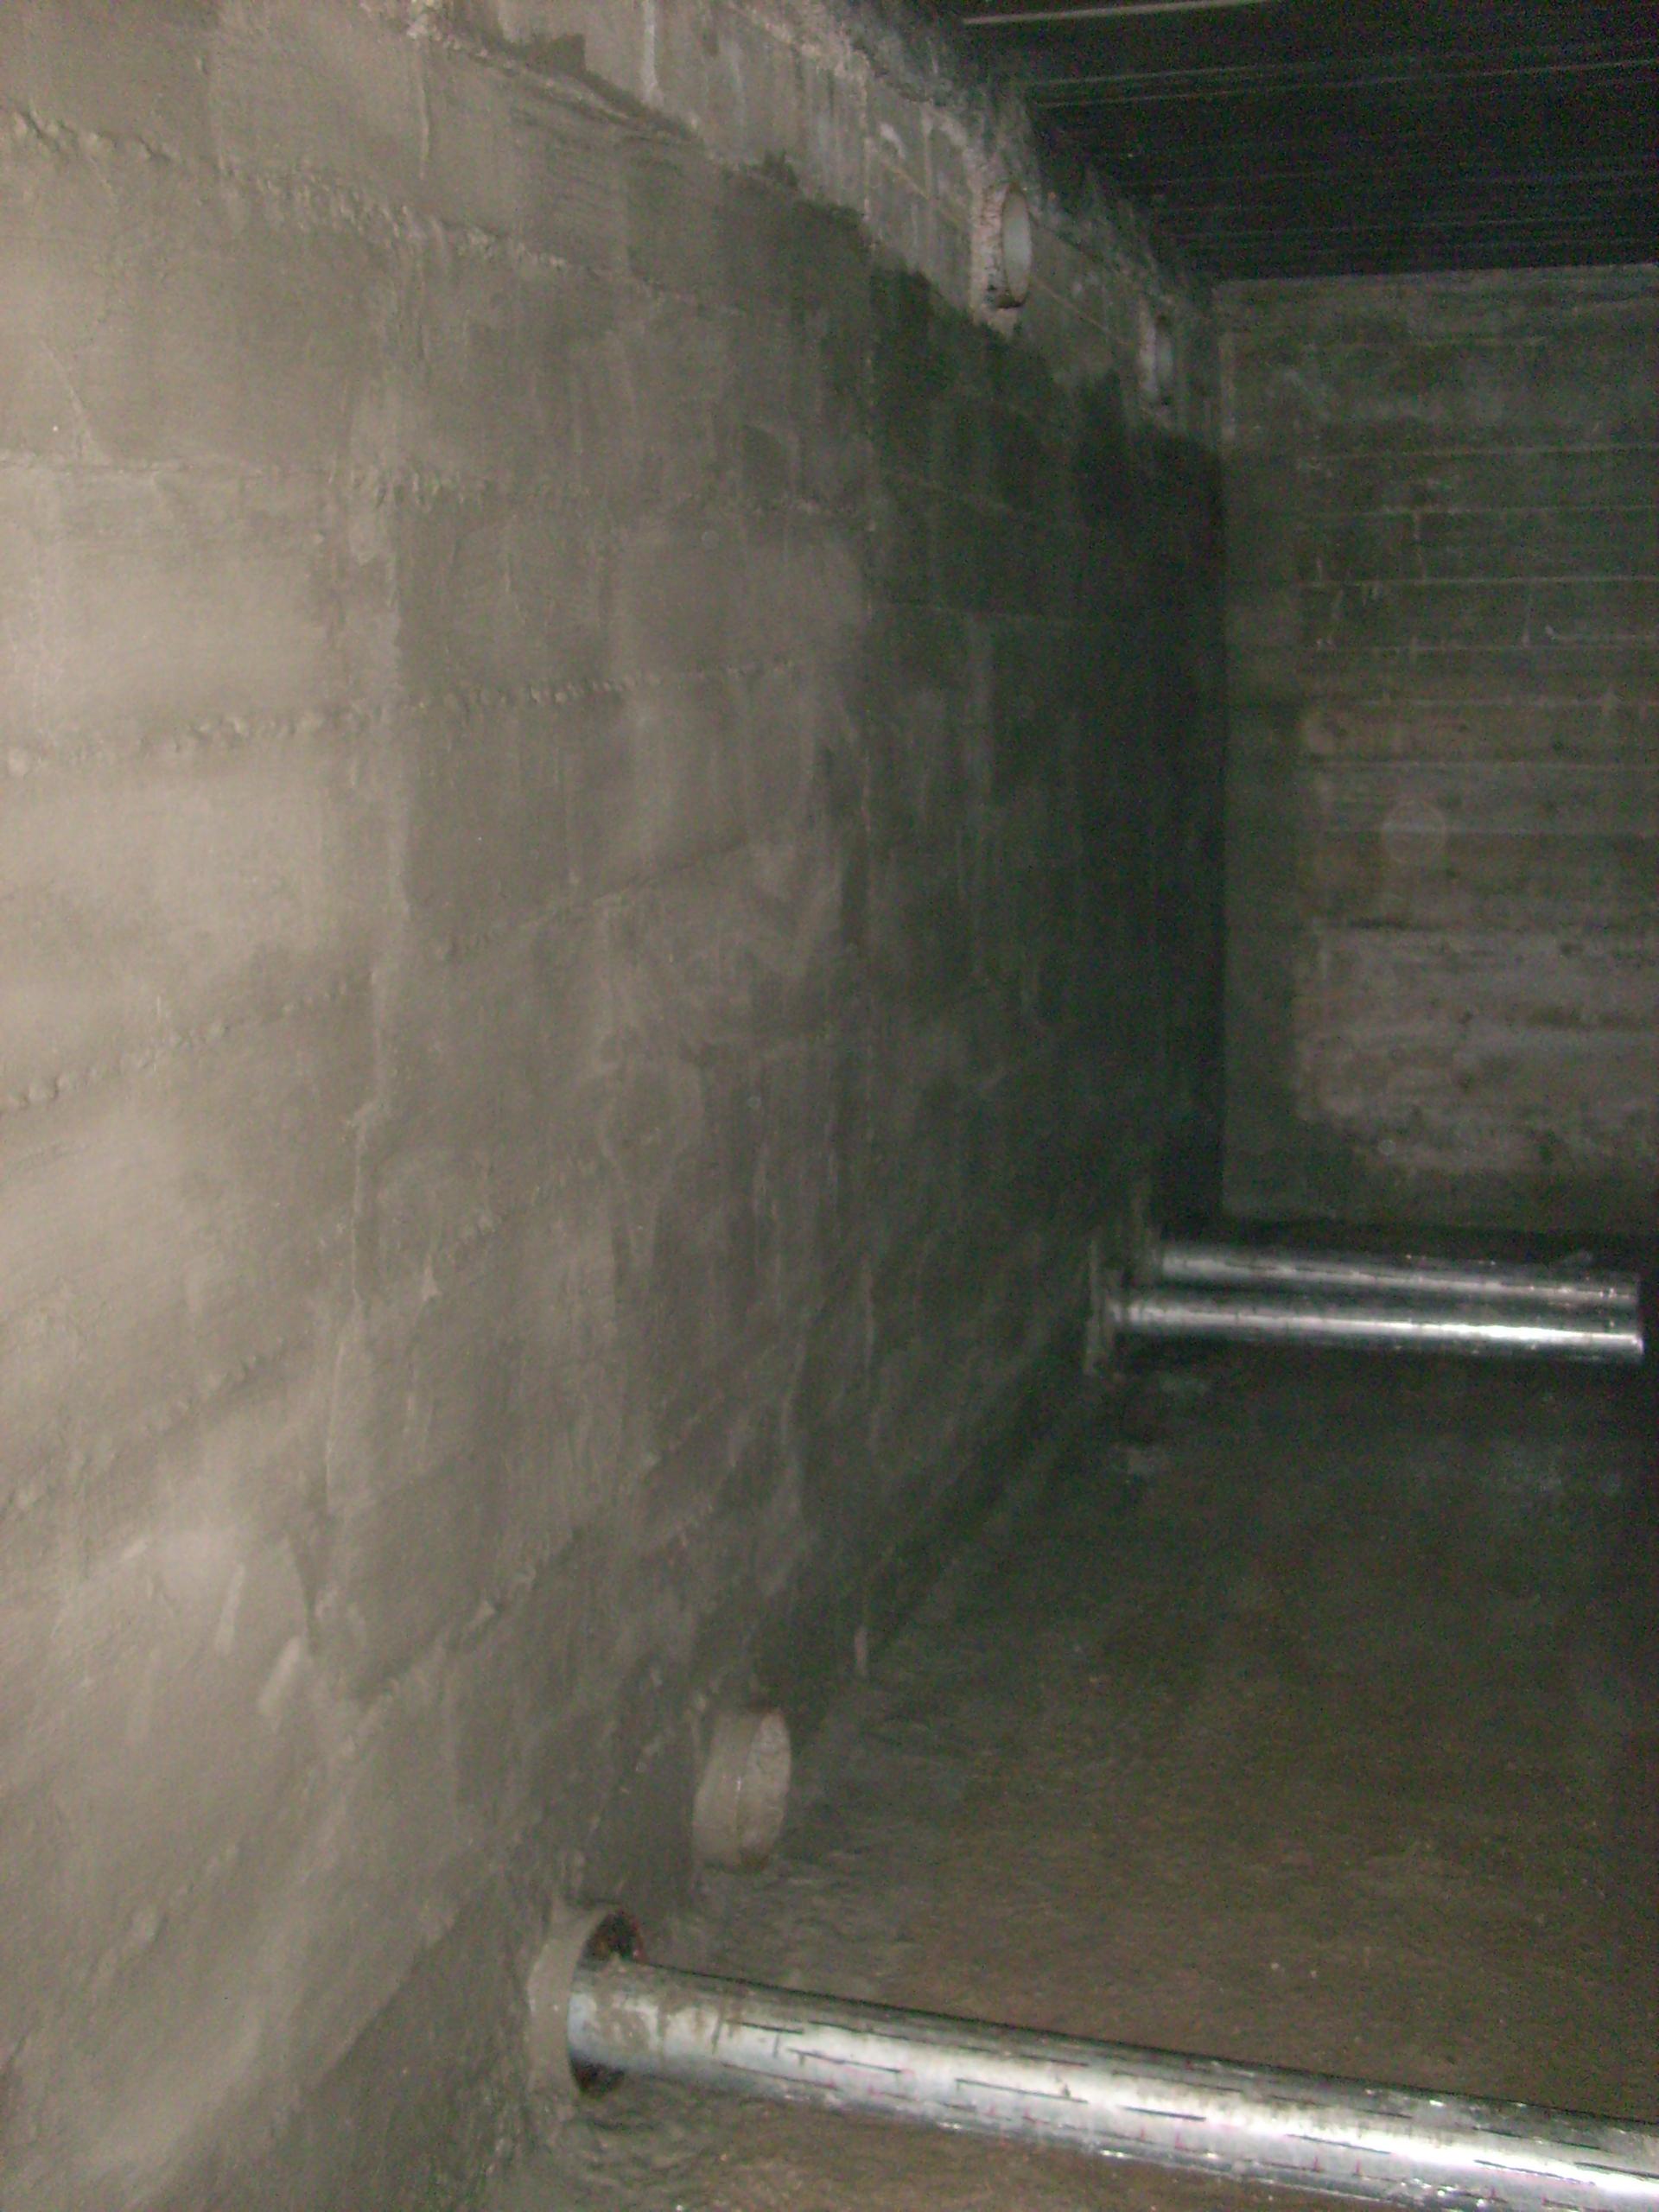 Aplicarea tratamentelor de impermeabilizare - BALCOVI - Bazin apa - Nissan - Tunari UNICO PROFIT - Poza 4